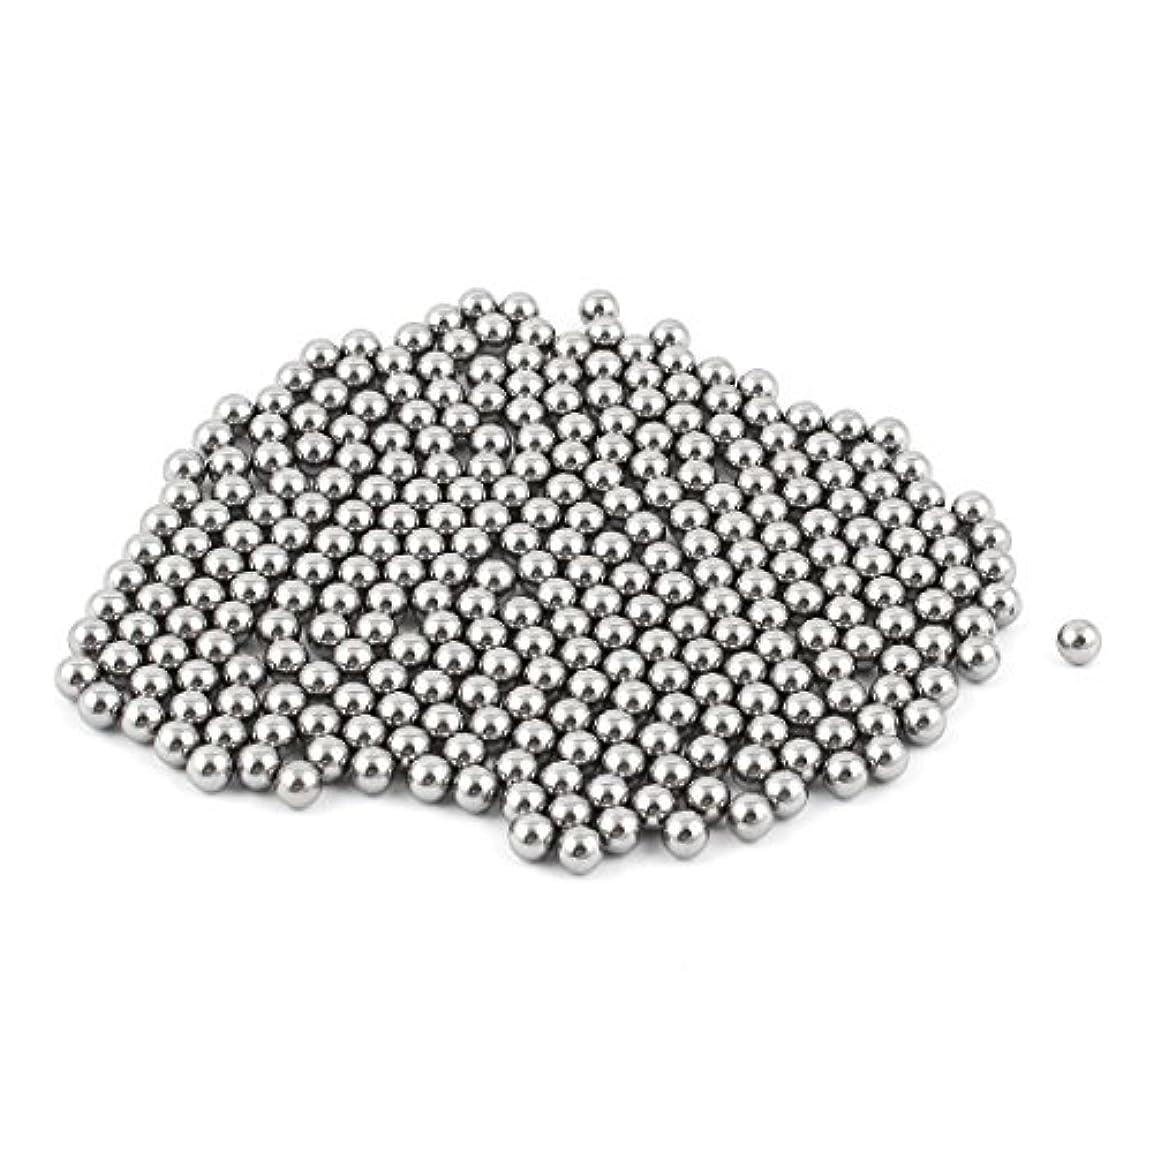 環境に優しいメールを書く水没uxcell 鋼球 自転車 ベアリング鉄ボール バイク交換部品 鉄製 交換部品 シルバートーン 270 x 5.55mm 270個